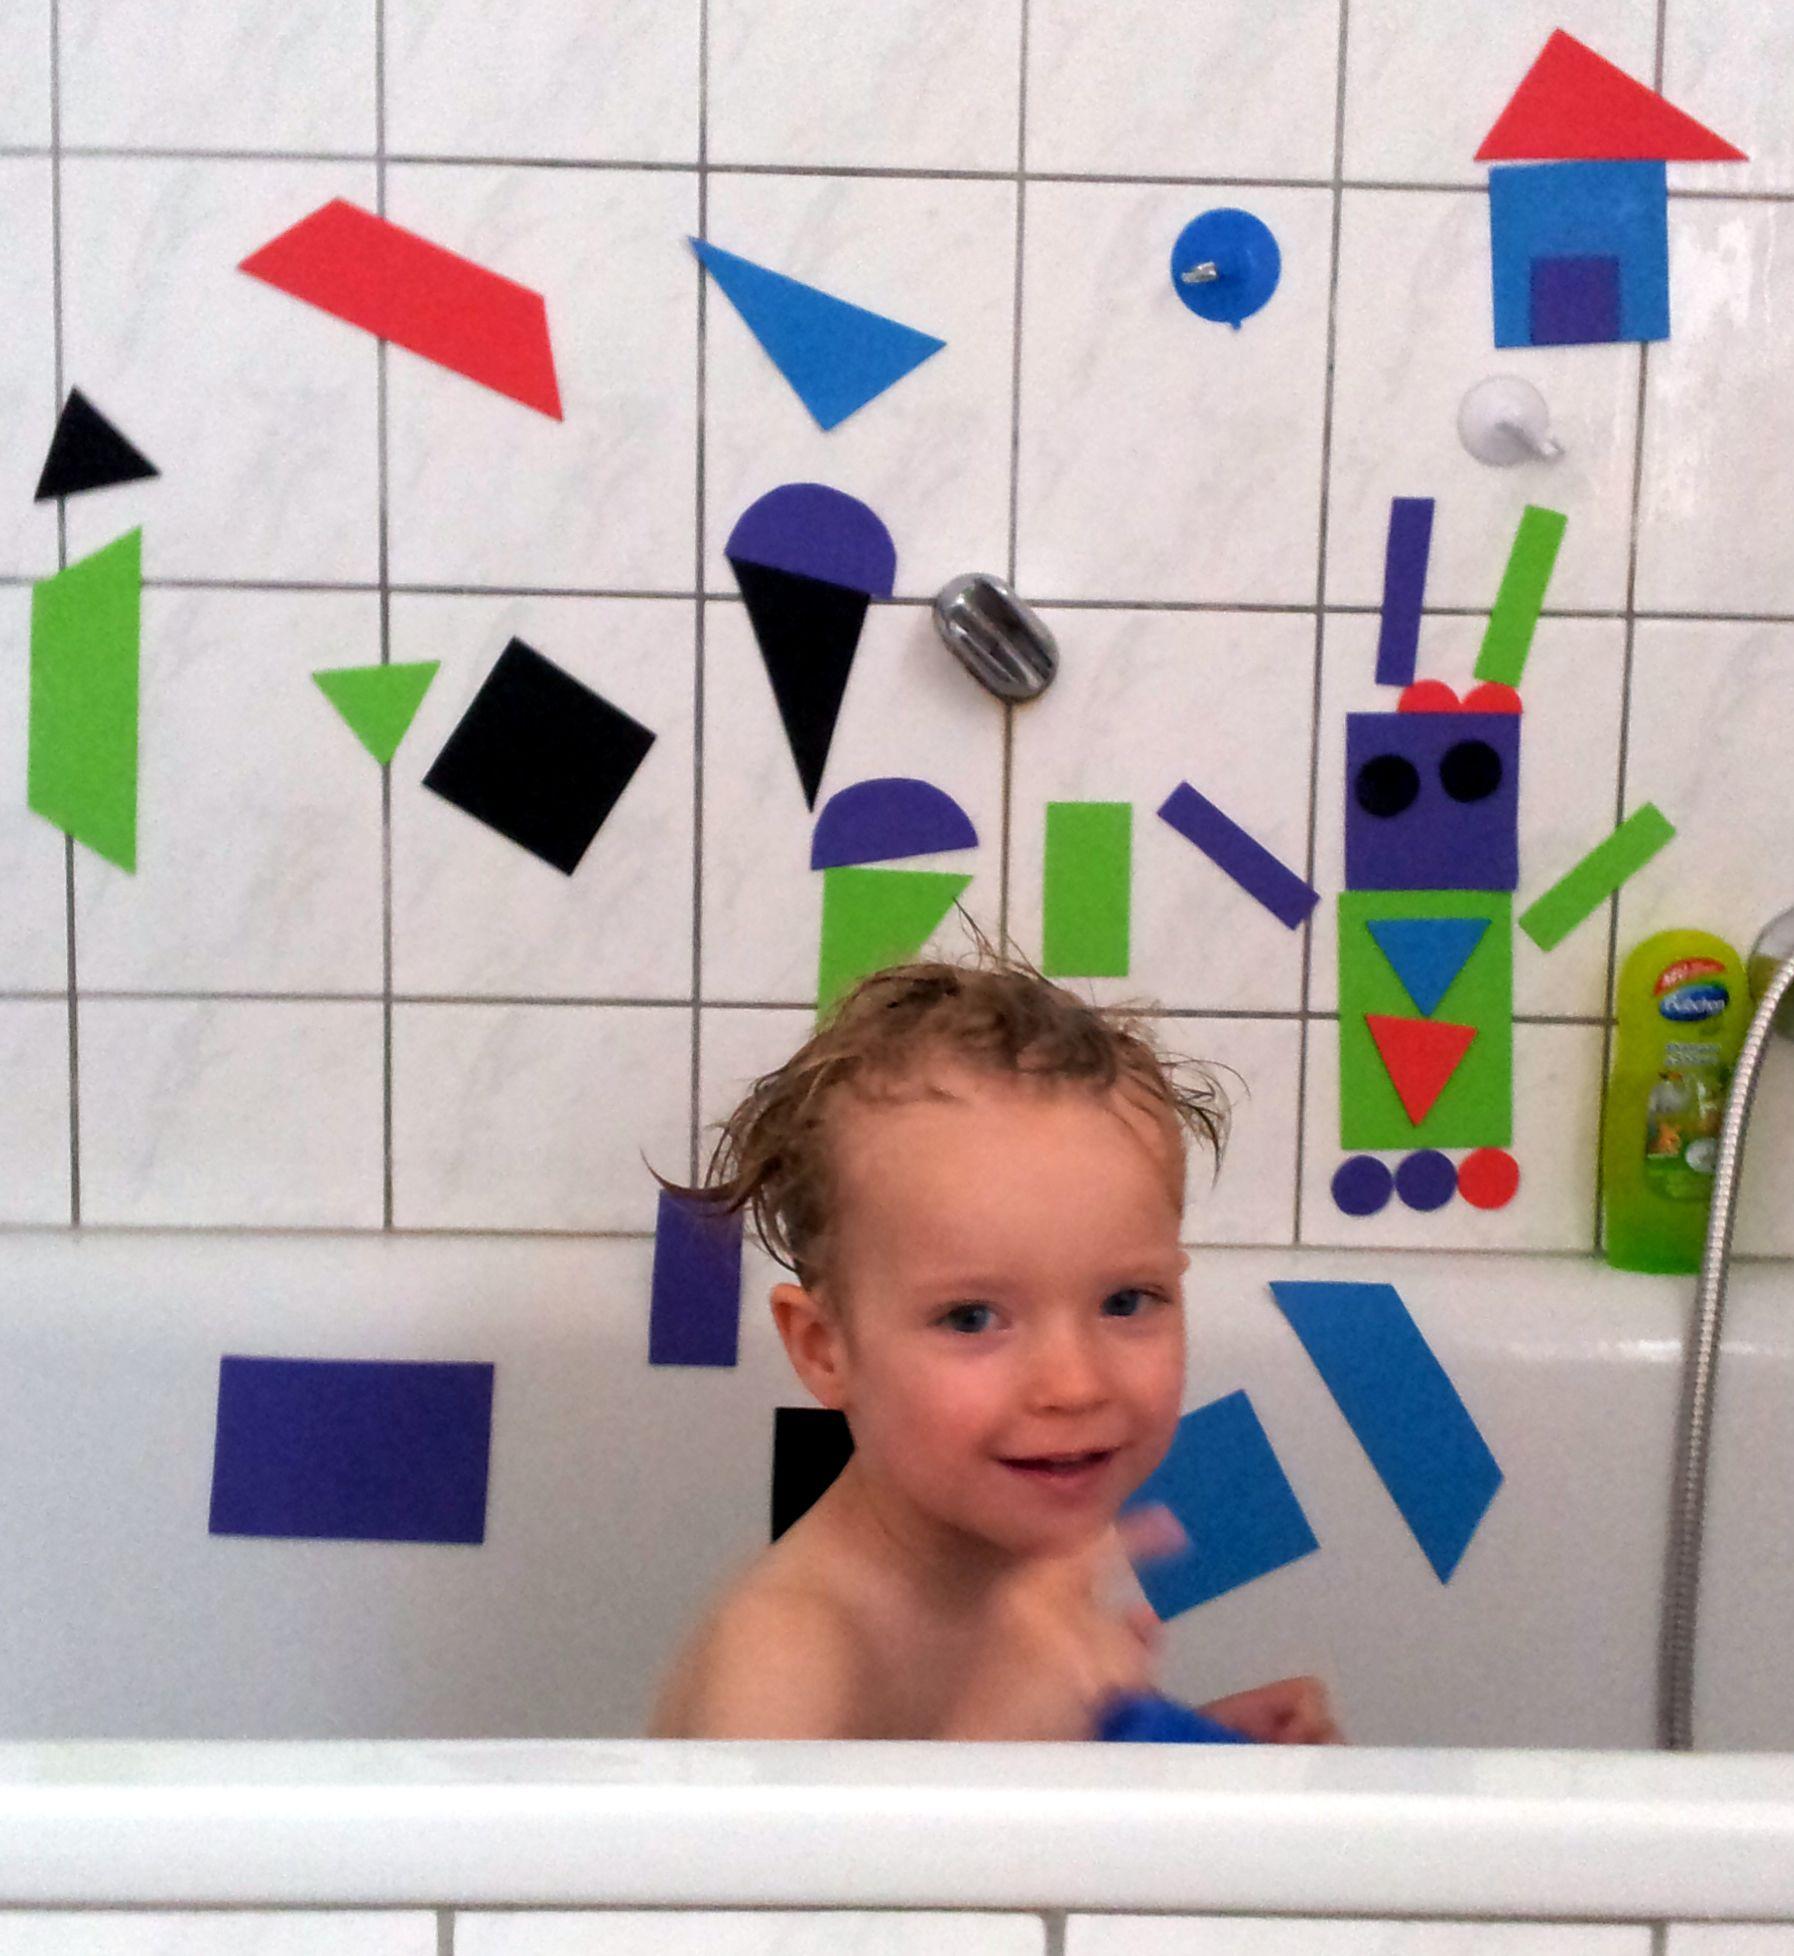 Moosgummi Badewannenspiel Moosgummi In Gewunschte Formen Schneiden Fertig Spiele Fur Kinder Basteln Mit Kleinkindern Bastelarbeiten